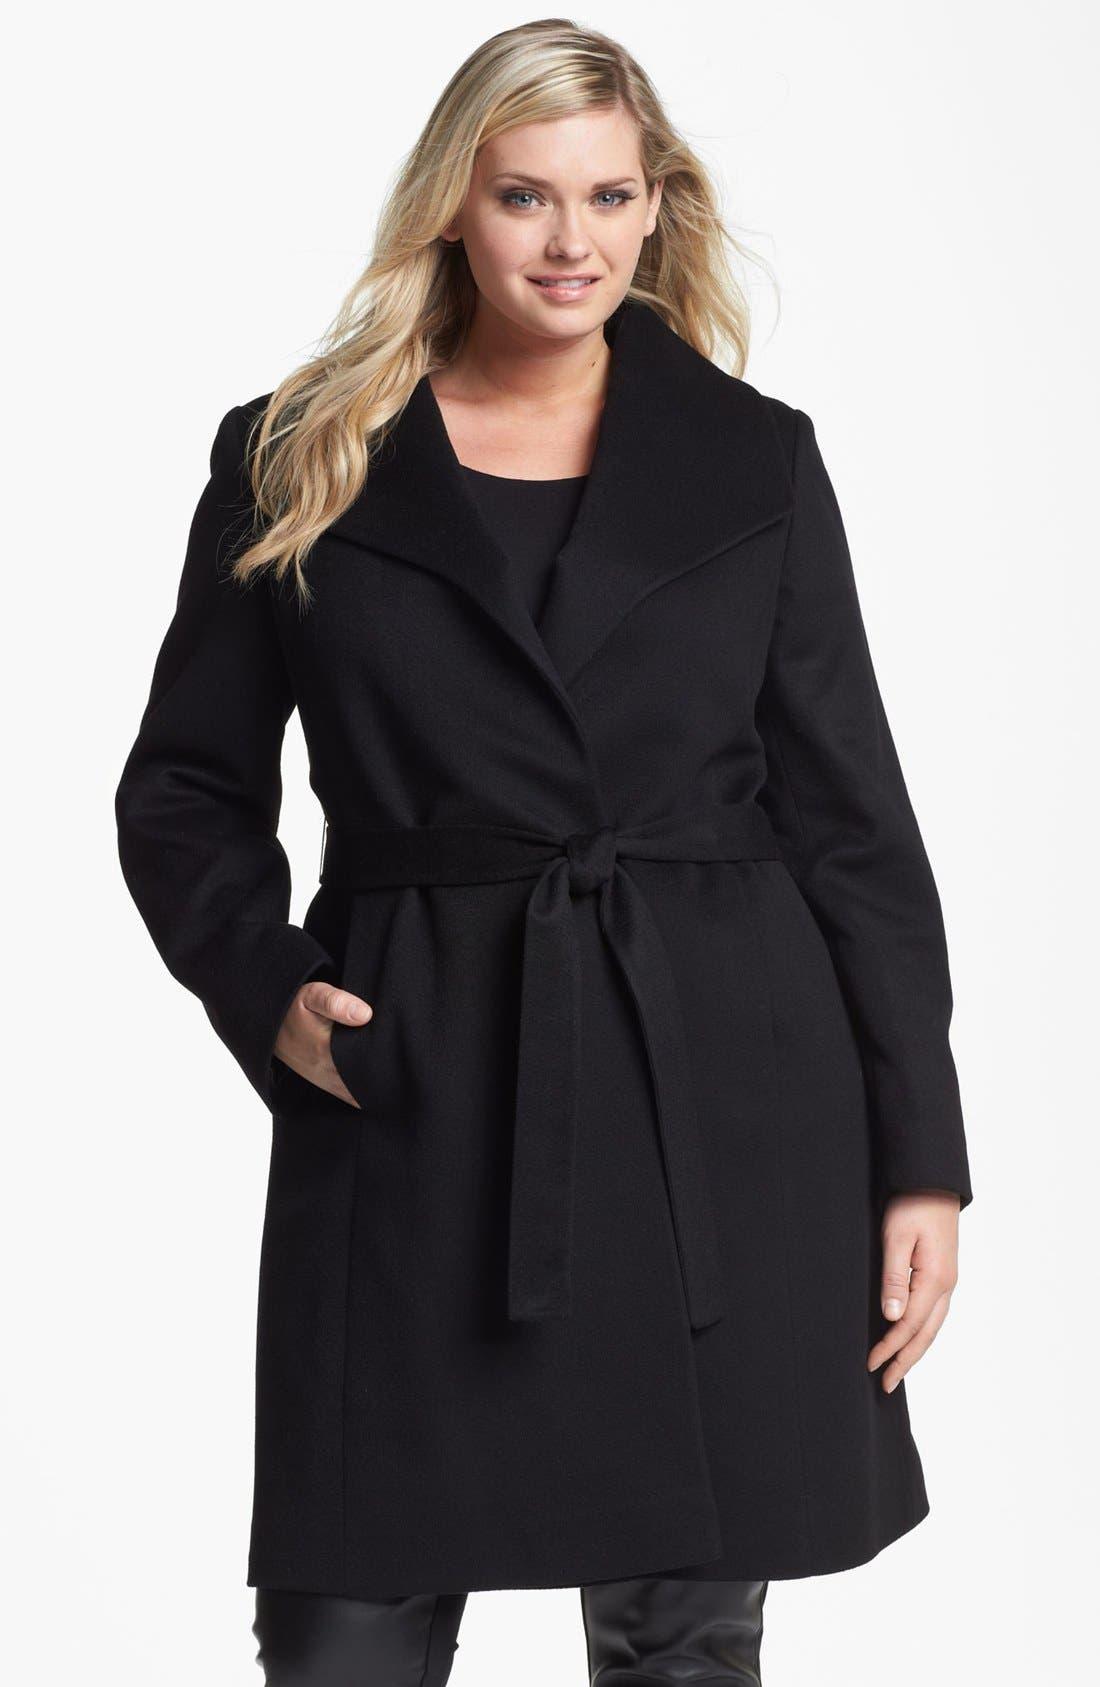 Main Image - Fleurette Wing Collar Cashmere Wrap Coat (Plus Size)